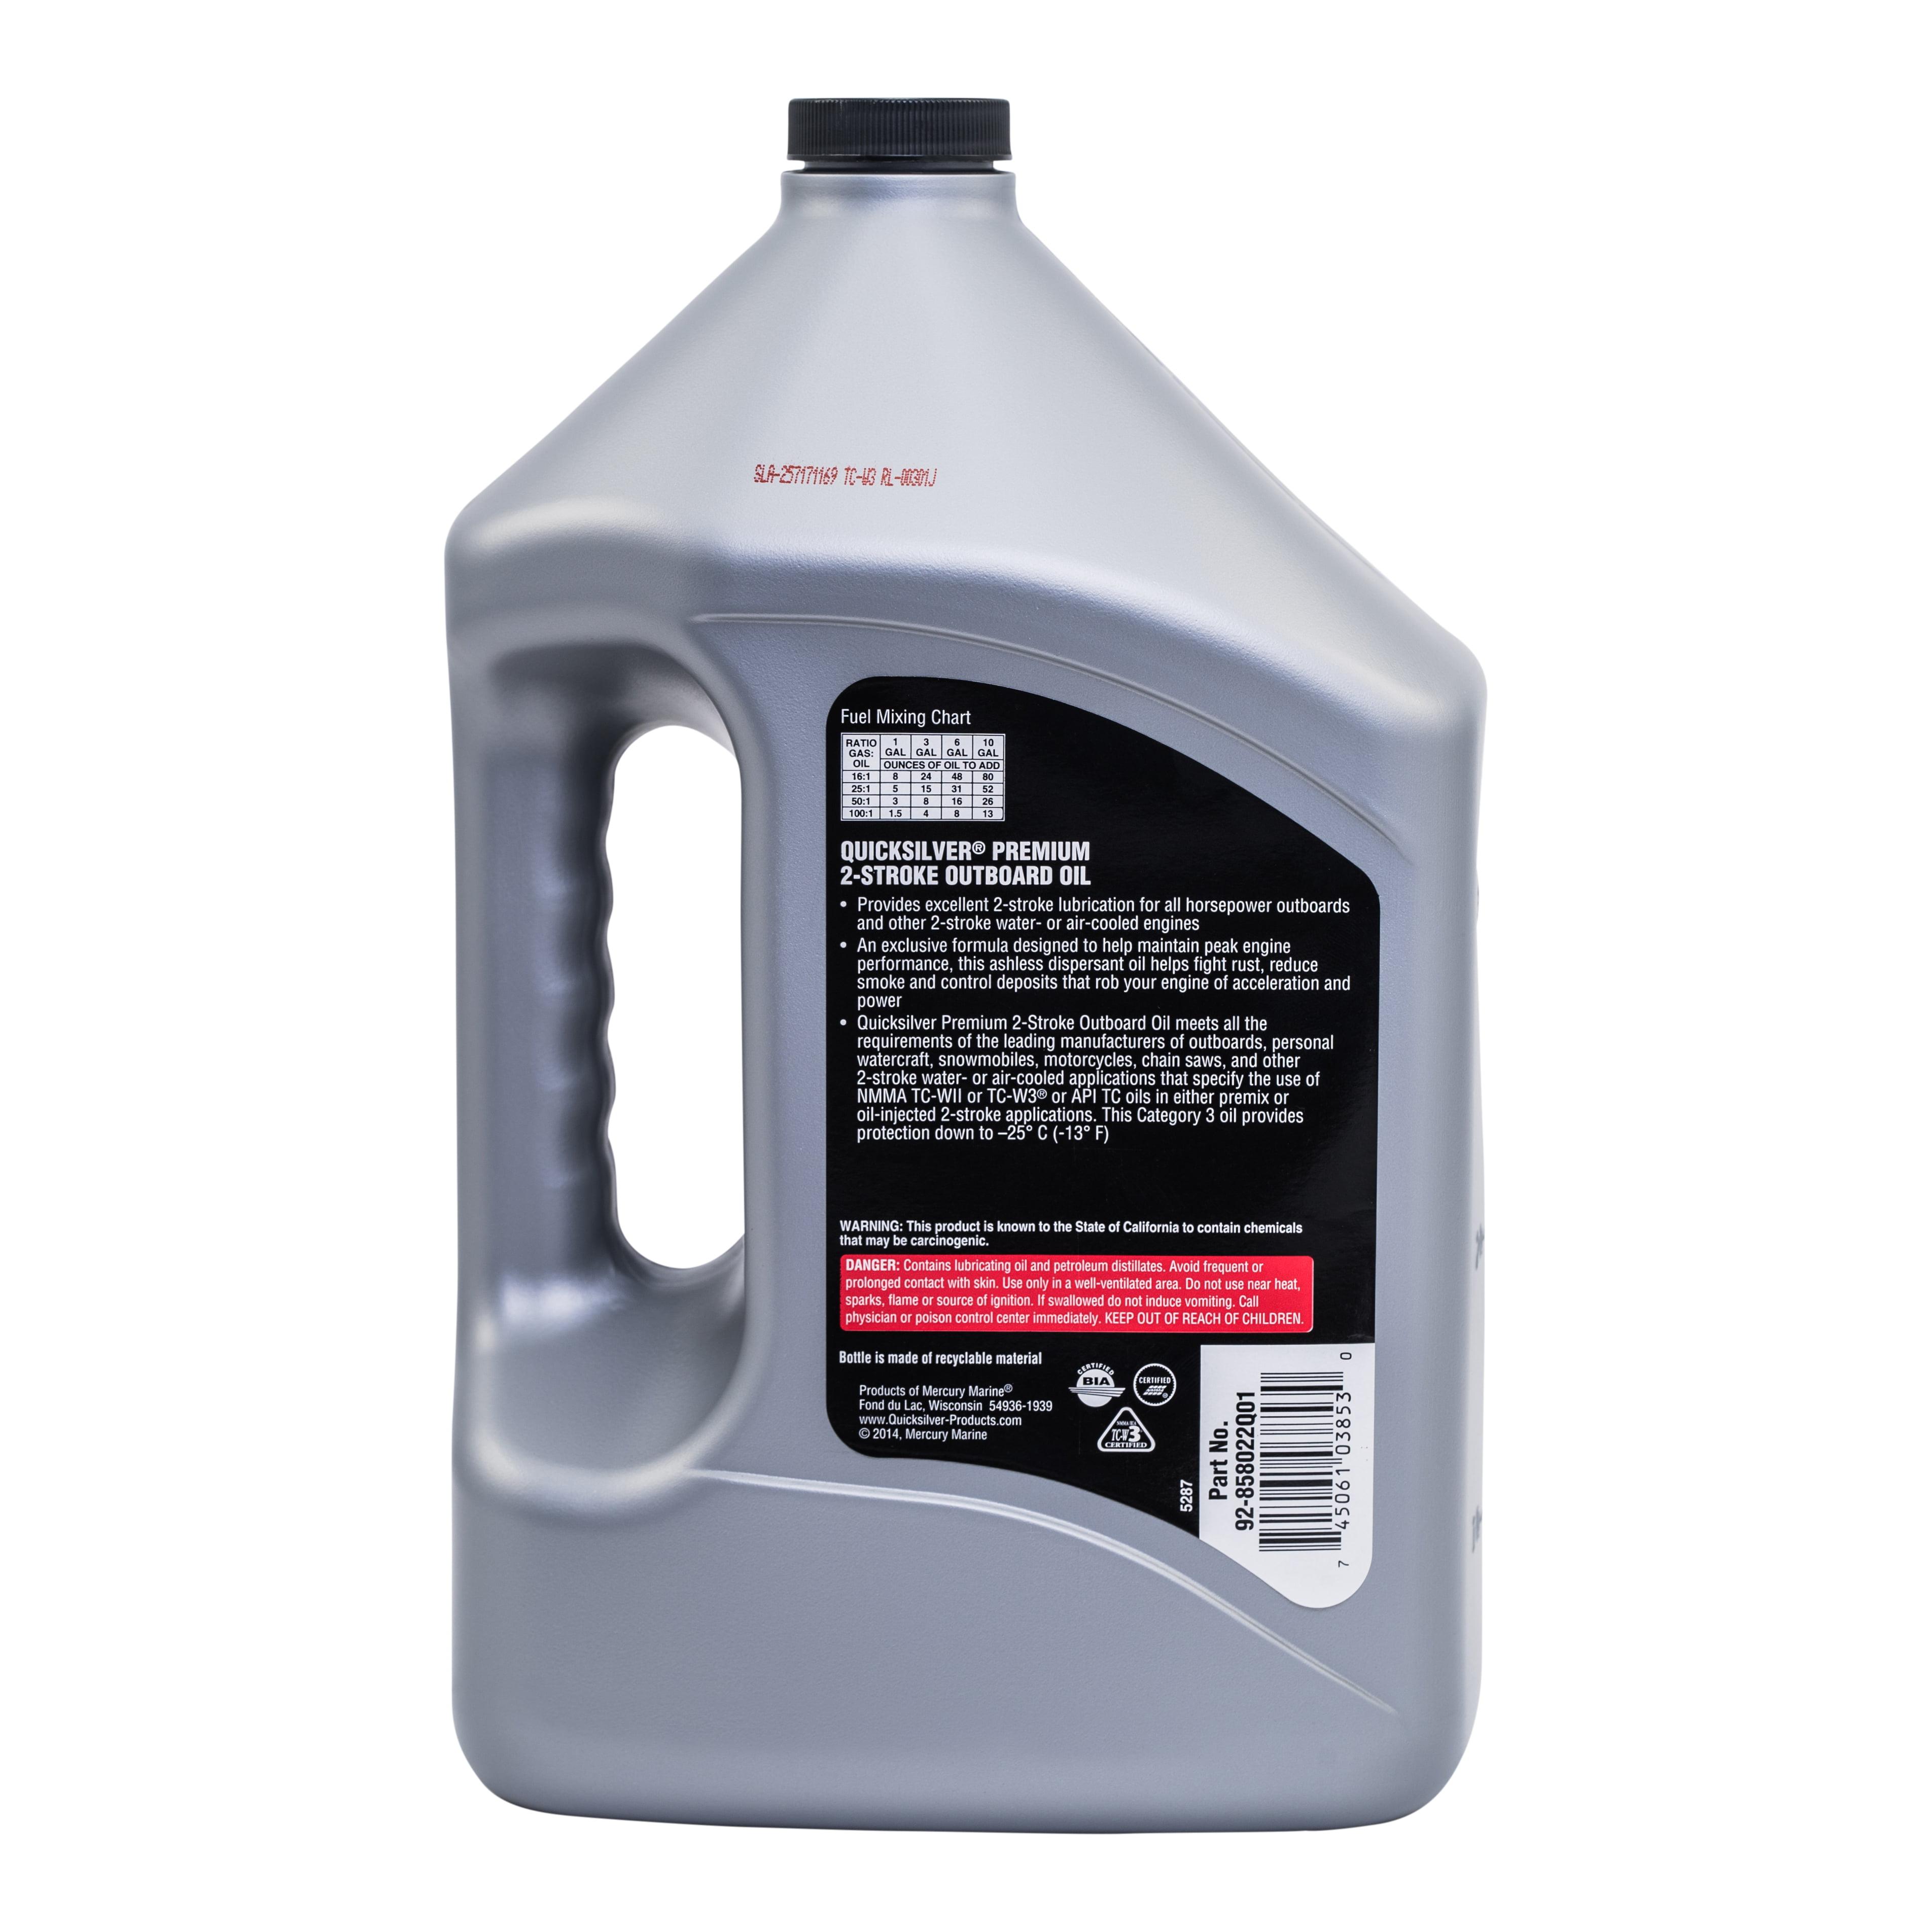 Quicksilver 2-Cycle Premium Outboard Oil TCW3 - 1 Gallon - Walmart com